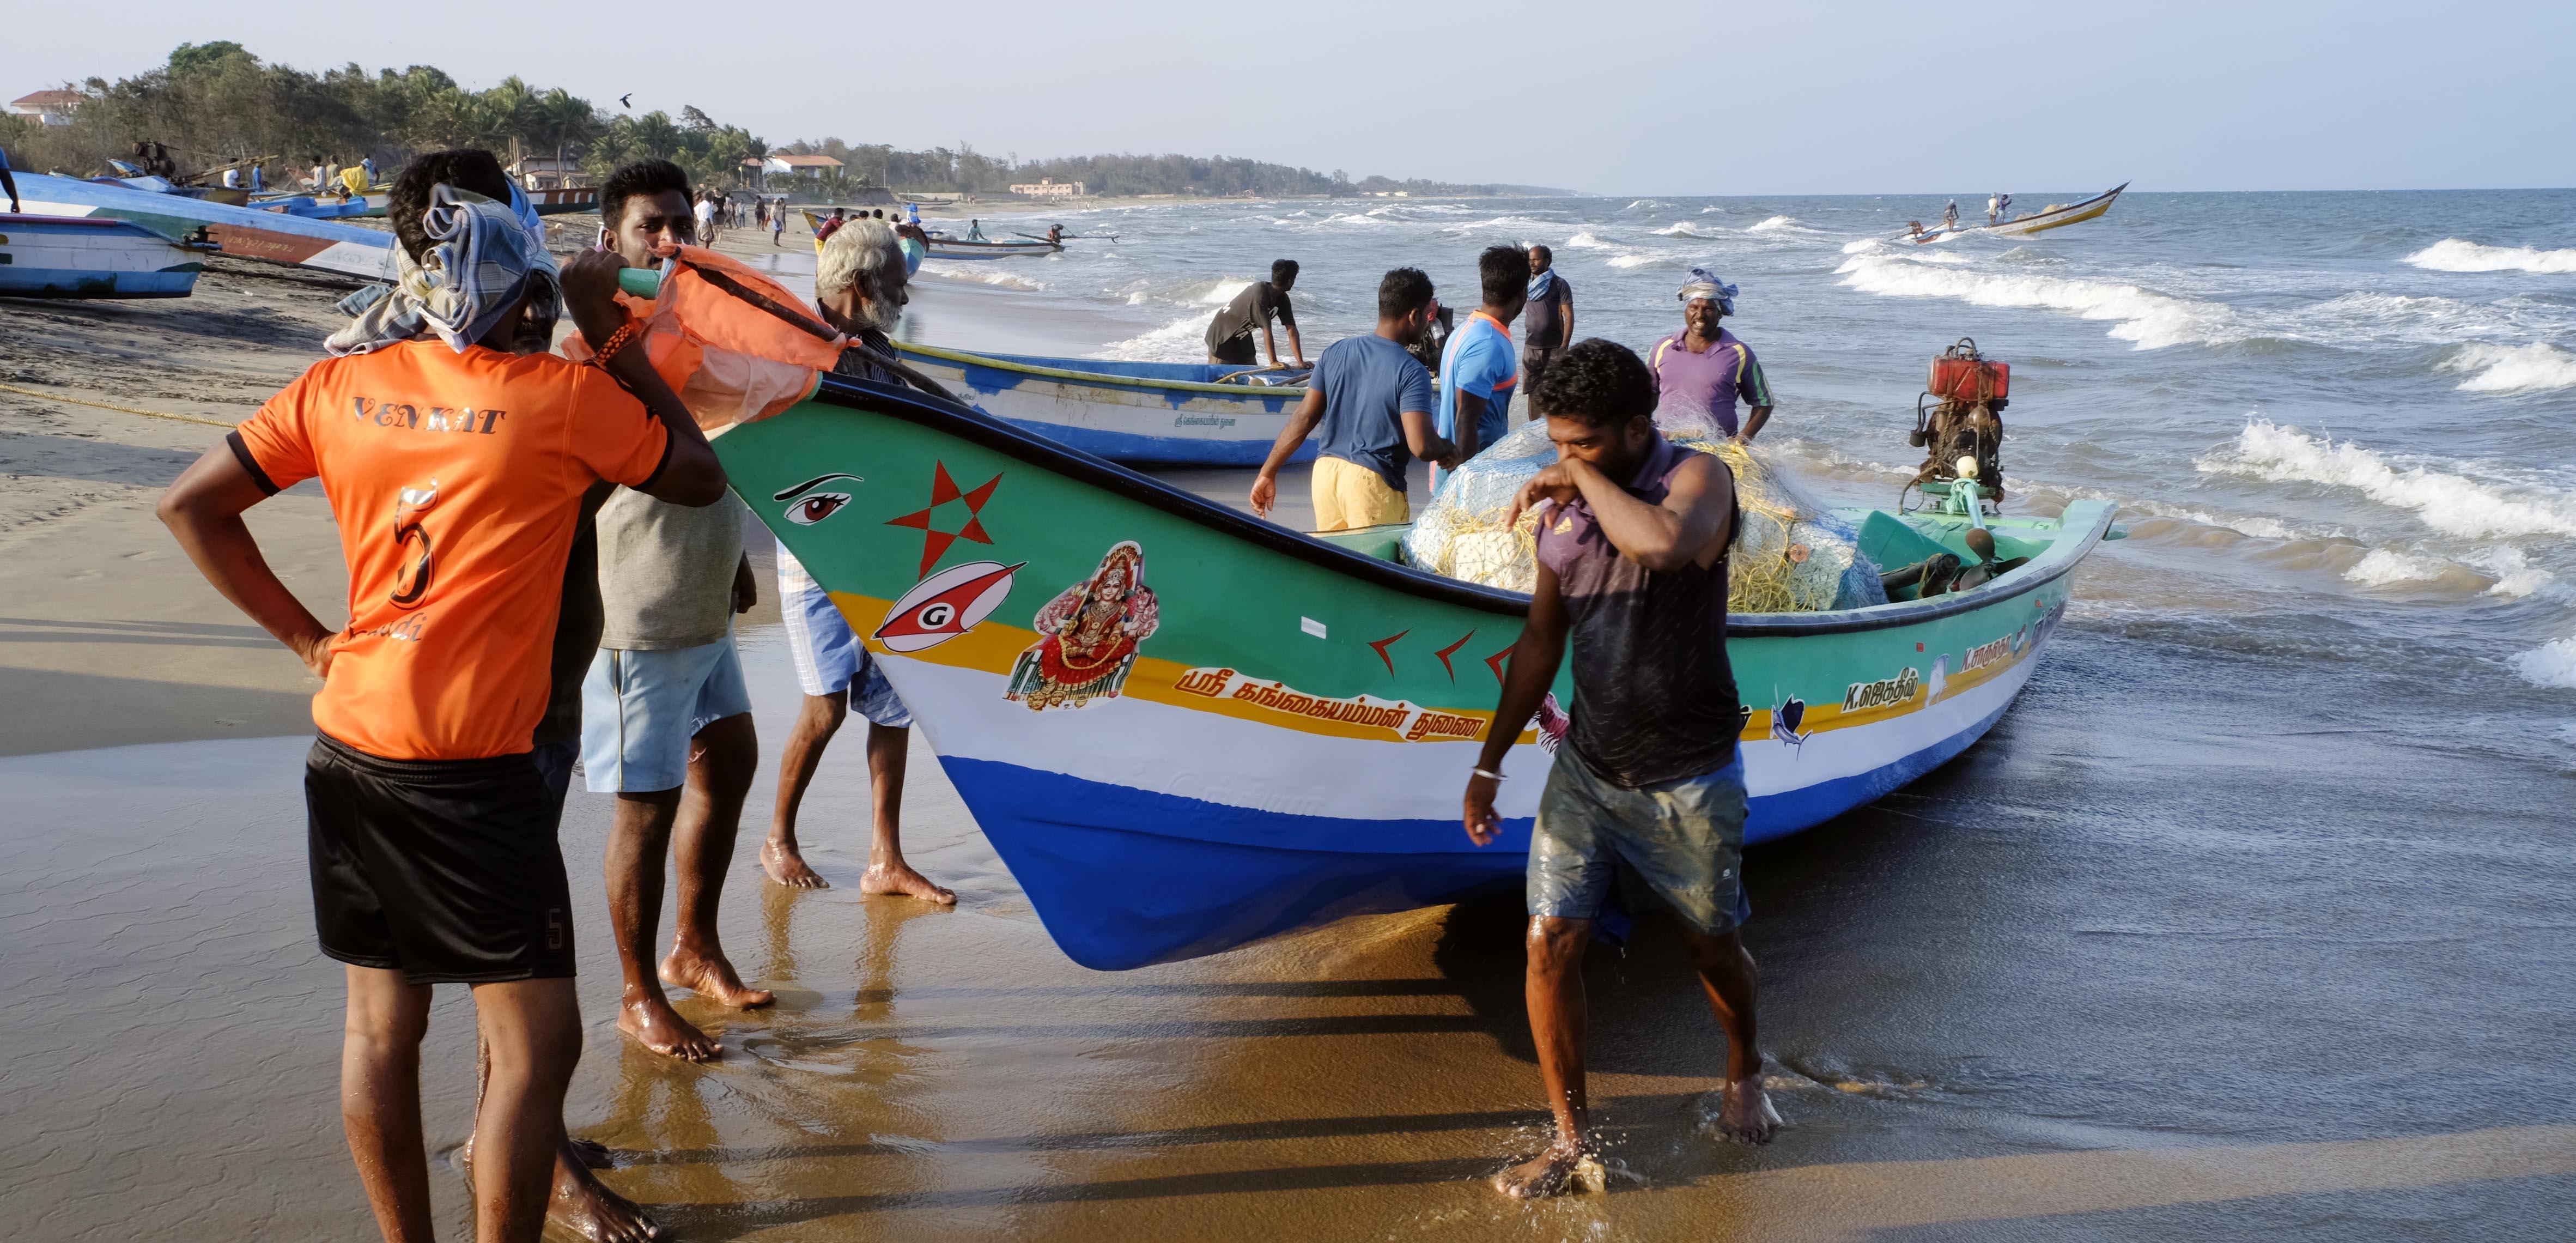 reise-ansichten Mamallapuram Boote